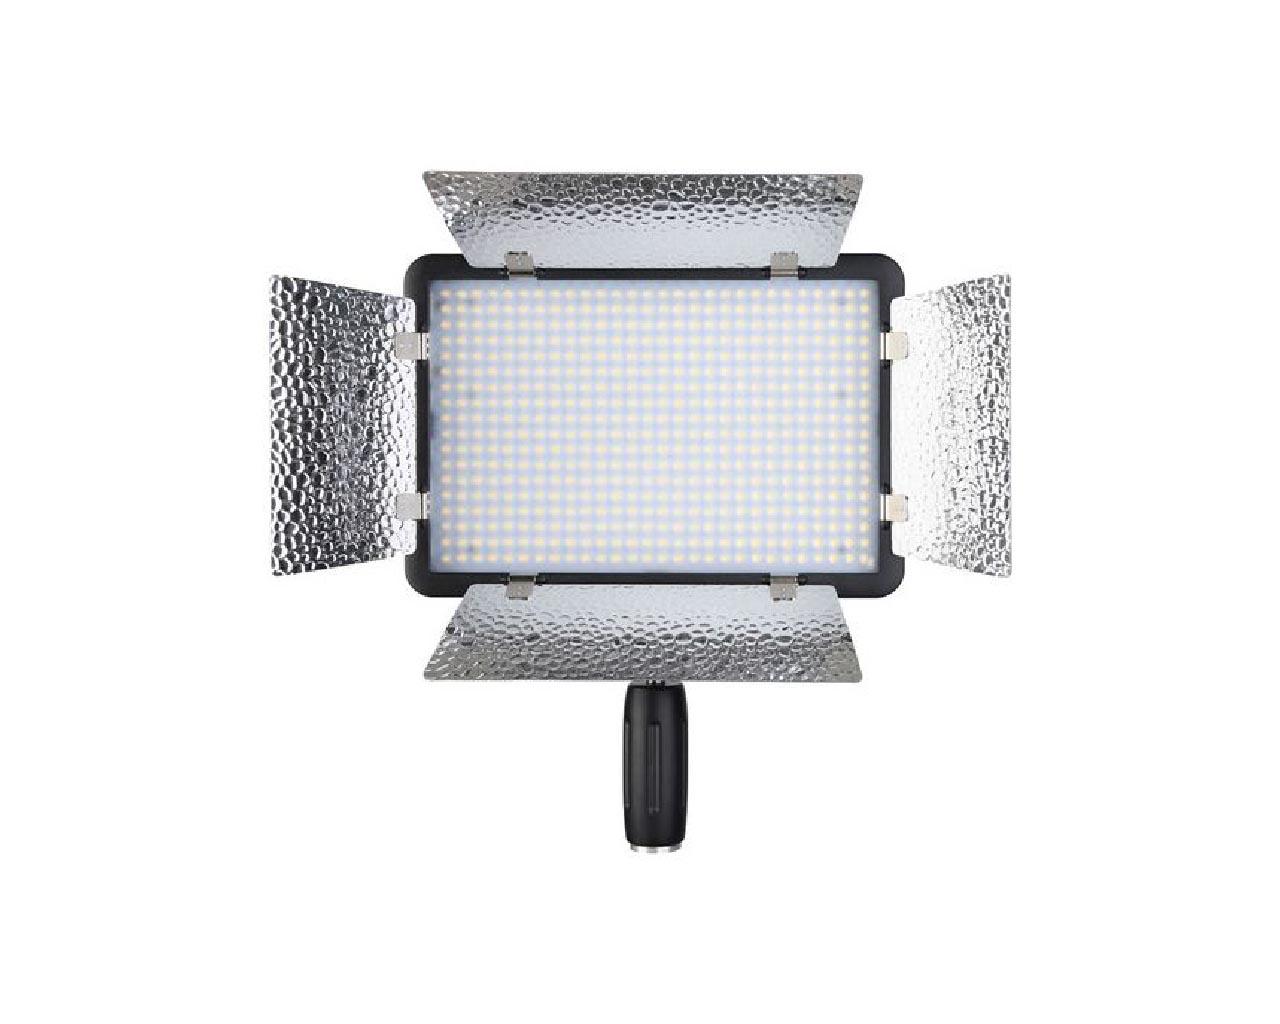 Profoto Equipo de iluminación | Master Class Photographers